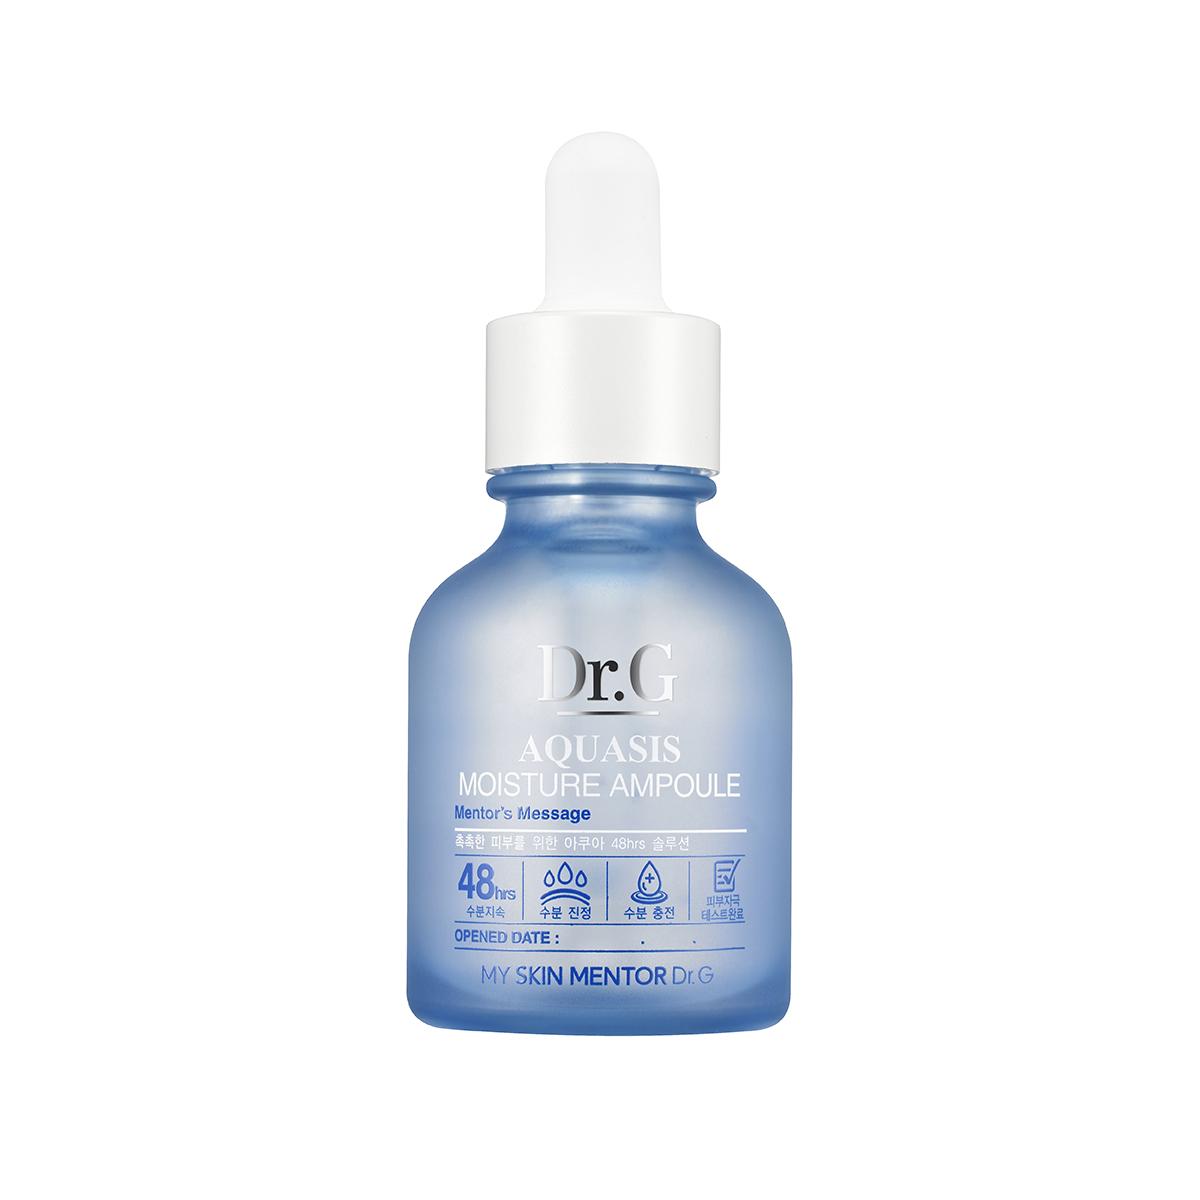 Dr. G Ампула-сыворотка увлажняющая Aquasis, 30 мл5902596005269Эссенция для восстановления тонуса кожи с экстрадолгим влагоудерживающим действием в течение 48 часов с эффектом мгновенного увлажнения. Содержит пентавитамин R, алоэ вера, гречиху и 2 вида гиалуроновой кислоты. 2 вида гиалуроновой кислоты дают эффект моментального увлажнения, избавляют от шелушения, грубого внешнего вида, стянутости. Обладают мультидействием - регенерирующими свойствами, усиливают метаболизм, поддерживает водный баланс. Пентавитамин R состоящий из натуральных карбогидрантов, сохраняет кожу нежной и упругой. Пентавитамин проникает в эпидермис достаточно глубоко и благодаря этому сохраняется нормальный водный баланс. Экстракт алоэ вера прекрасно увлажняет, оказывает заживляющее и успокаивающее действие, разглаживает морщины, замедляет процесс старения.Экстракт гречихи богат флавоноидами, которые борются со свободными радикалами.Эссенция подходит для всех типов кожи.